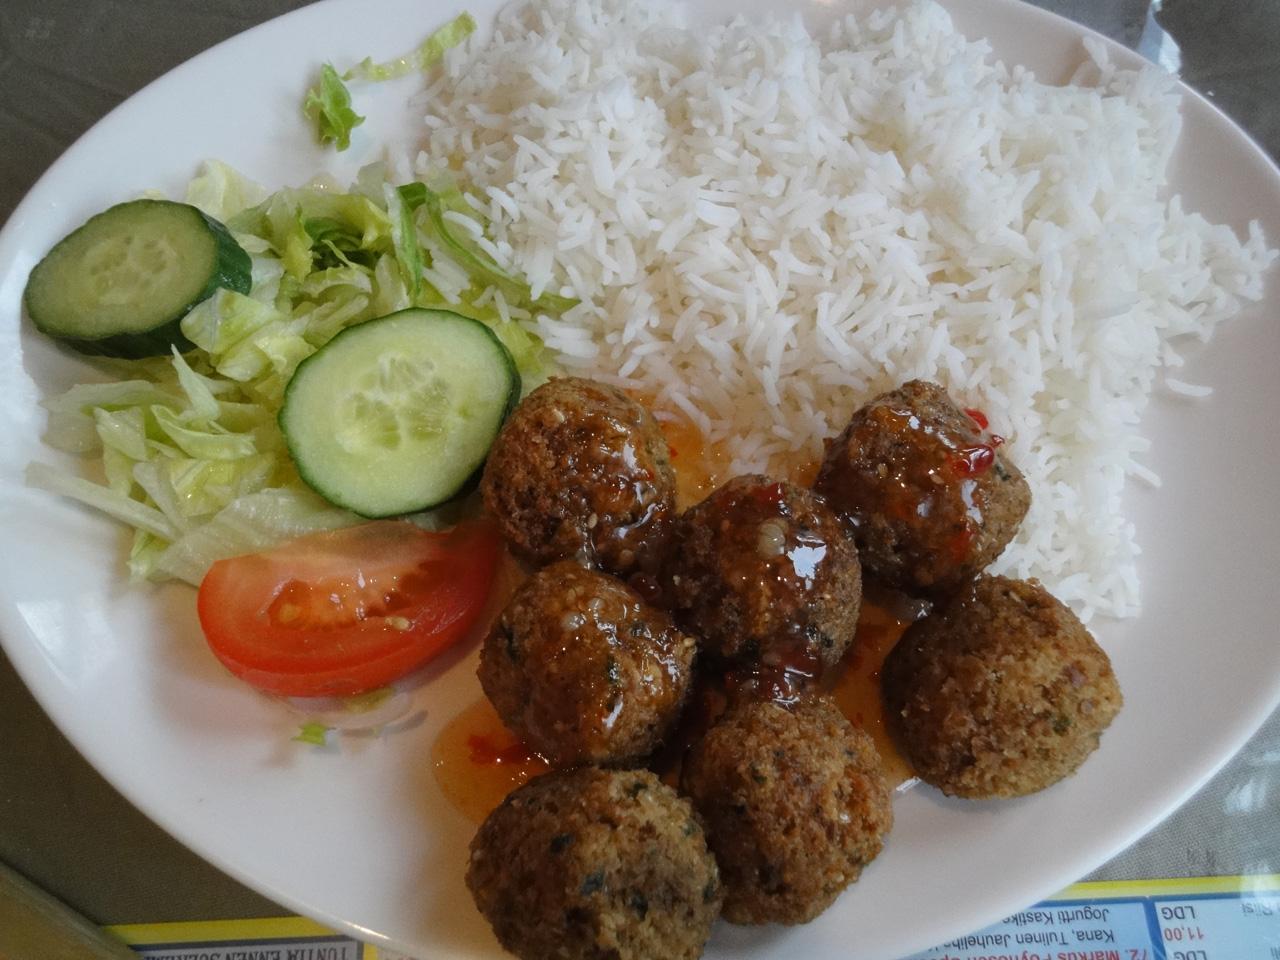 Ravintola Pippuri, Helsinki: Falafel riisillä